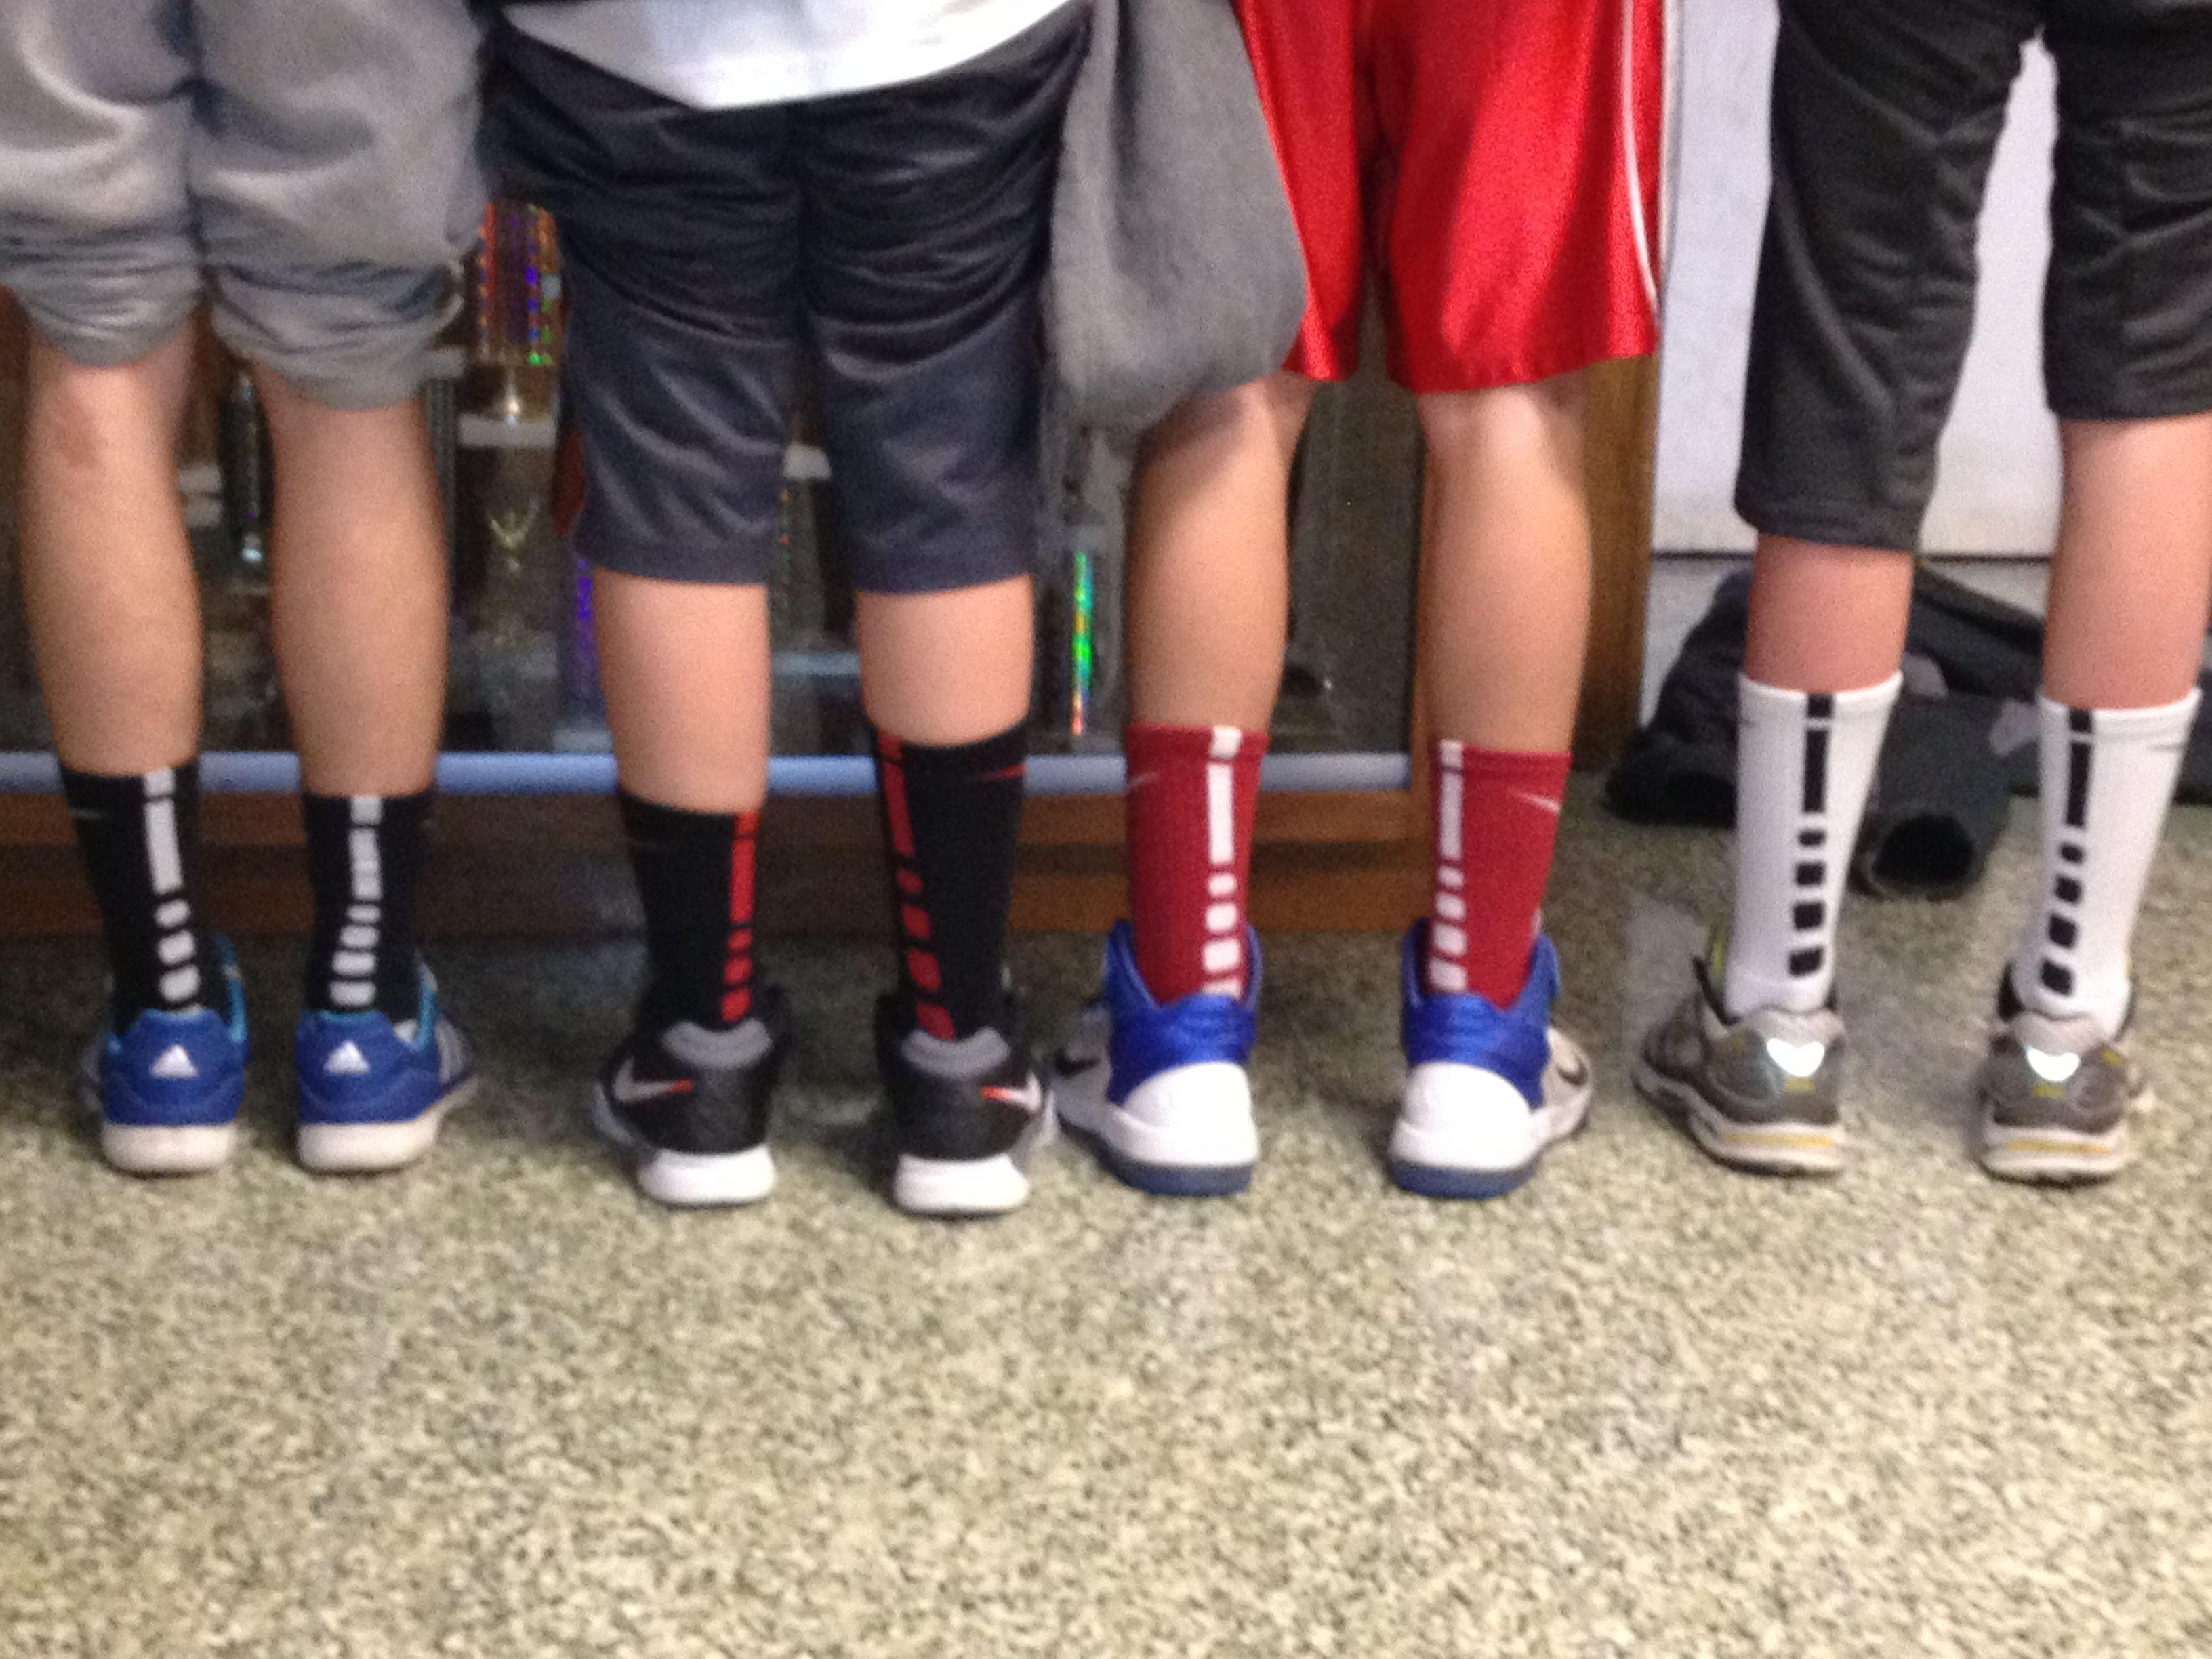 Nike Chaussettes Garçons Enfants Élite acheter sortie vente site officiel vente amazon vente O2Wt2pOIP2